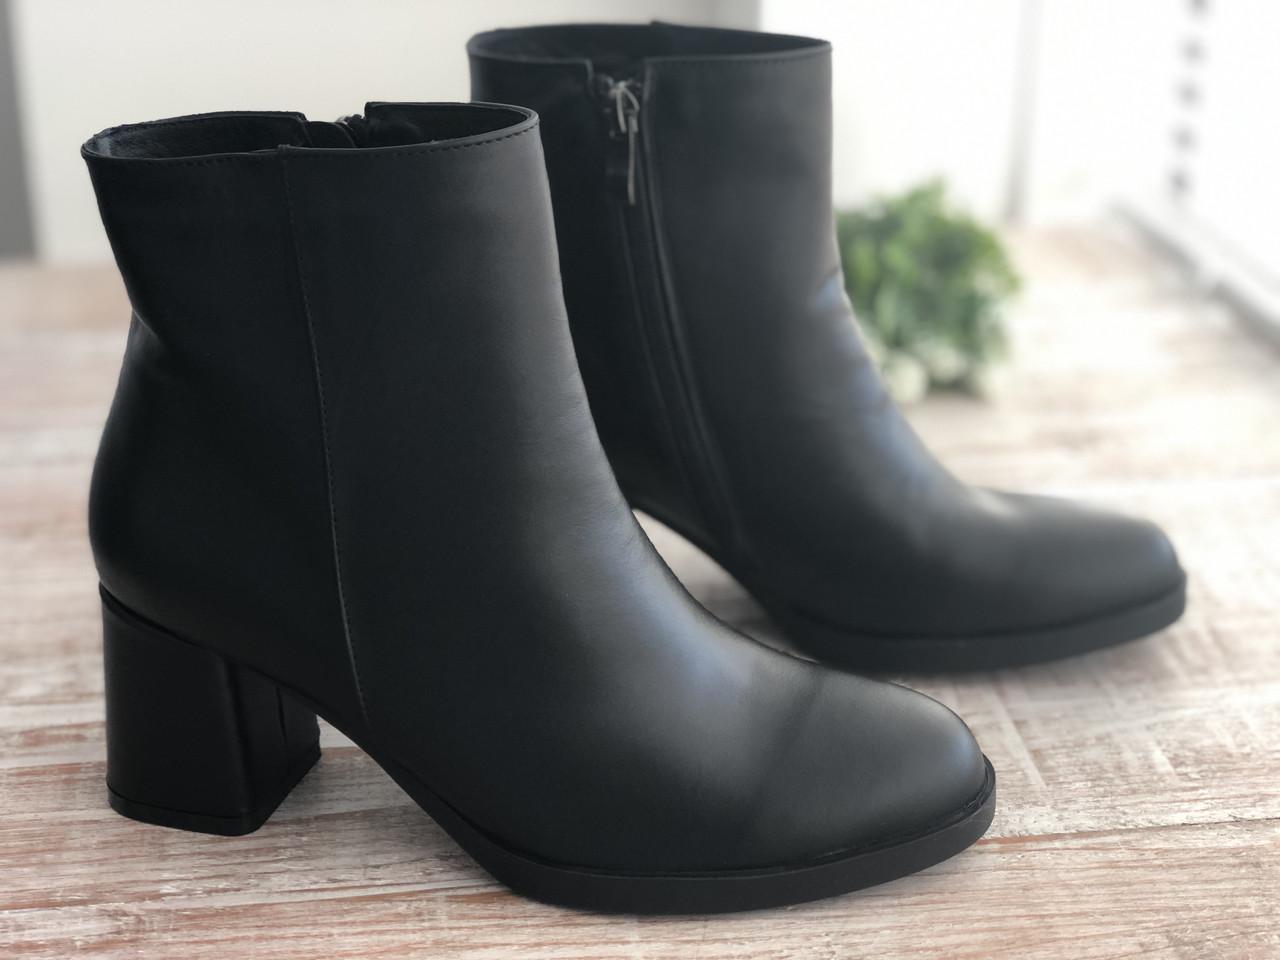 Кожаные женские ботинки 3577 размеры 36-40